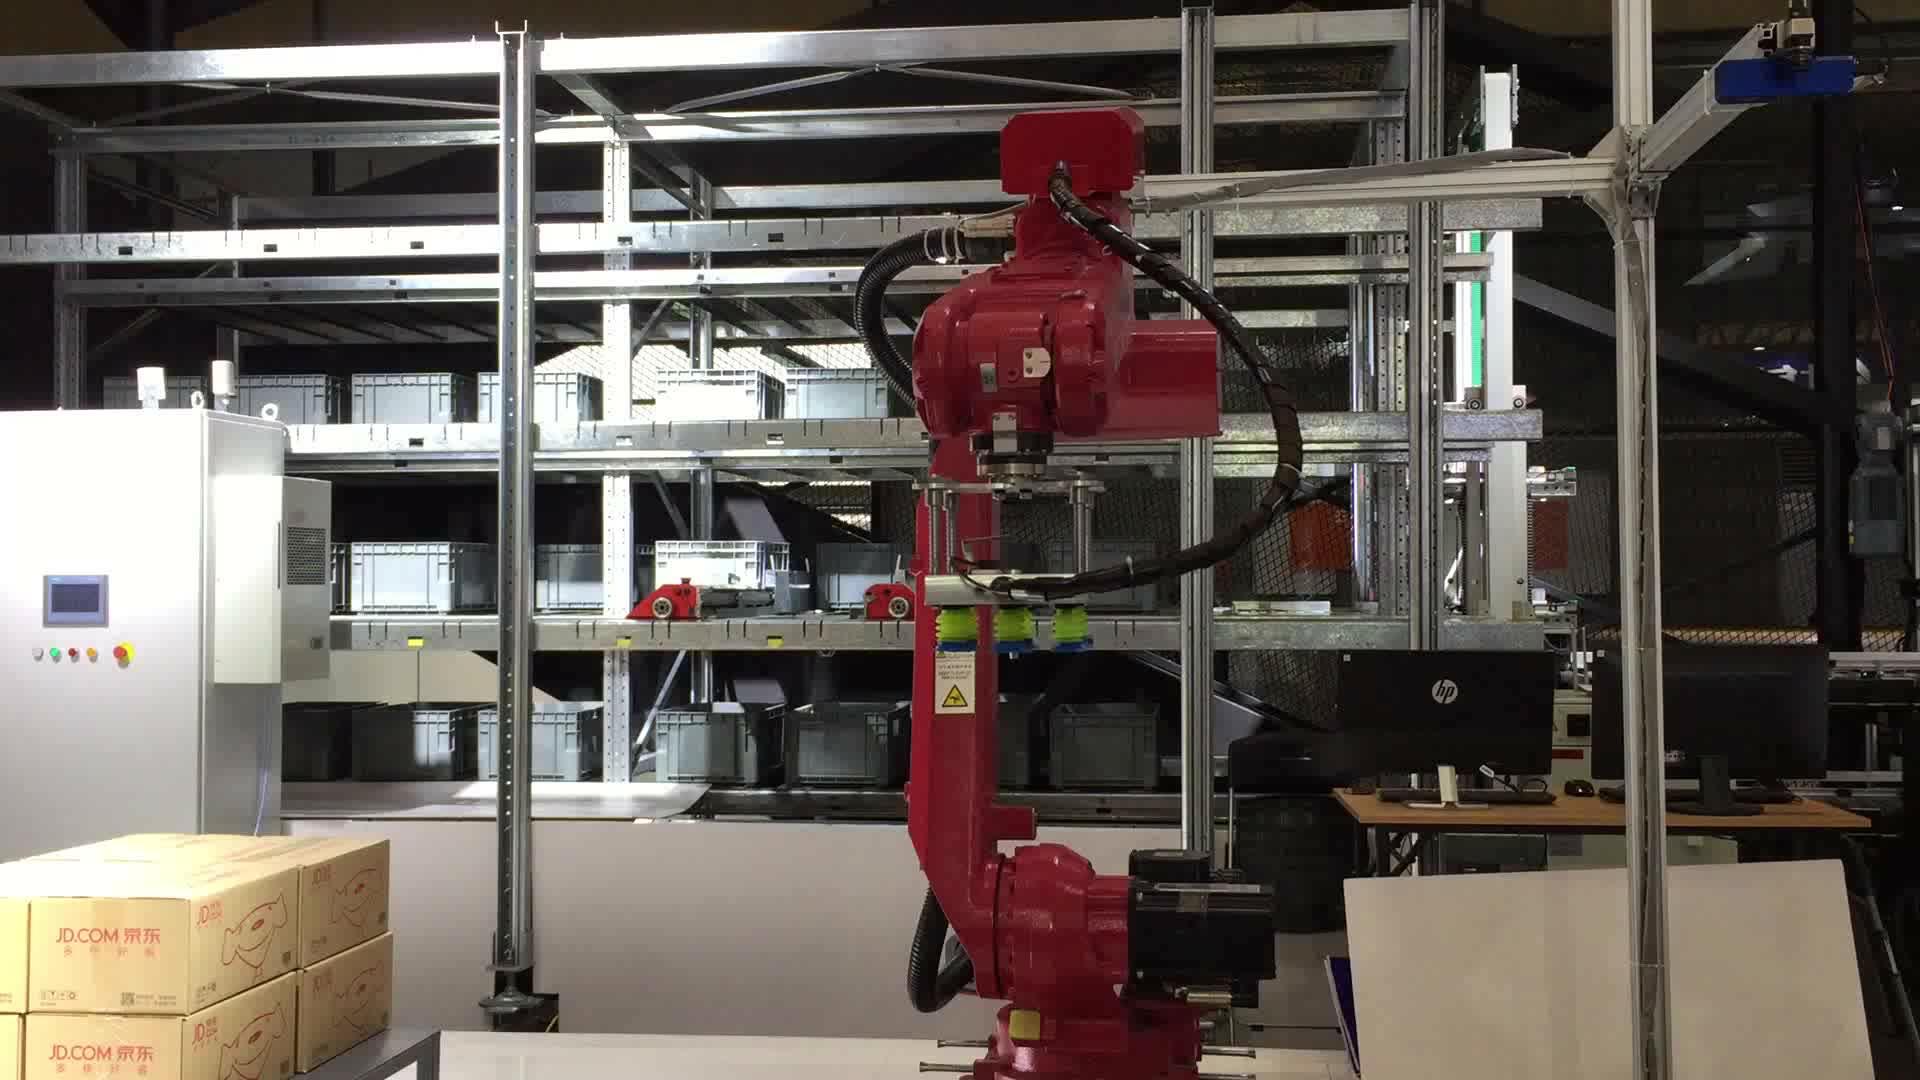 【京东展台:W2-A4】机械臂视觉配合地狼AGV进行的中件拆码垛场景